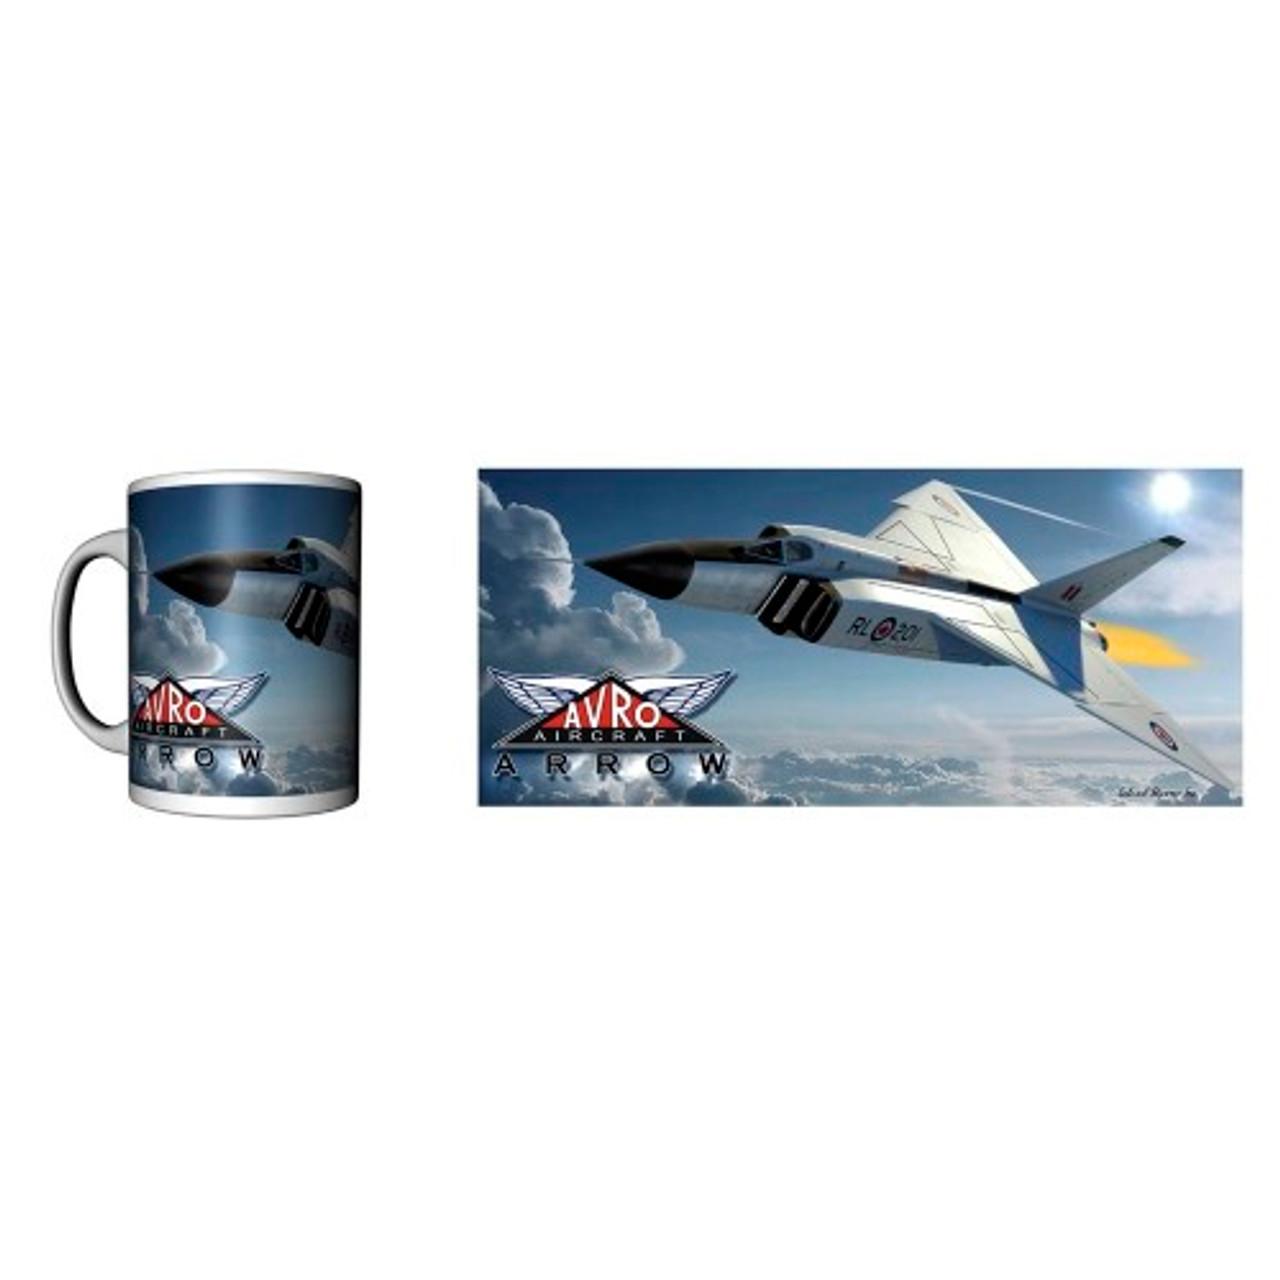 Avro Arrow Ceramic Mug